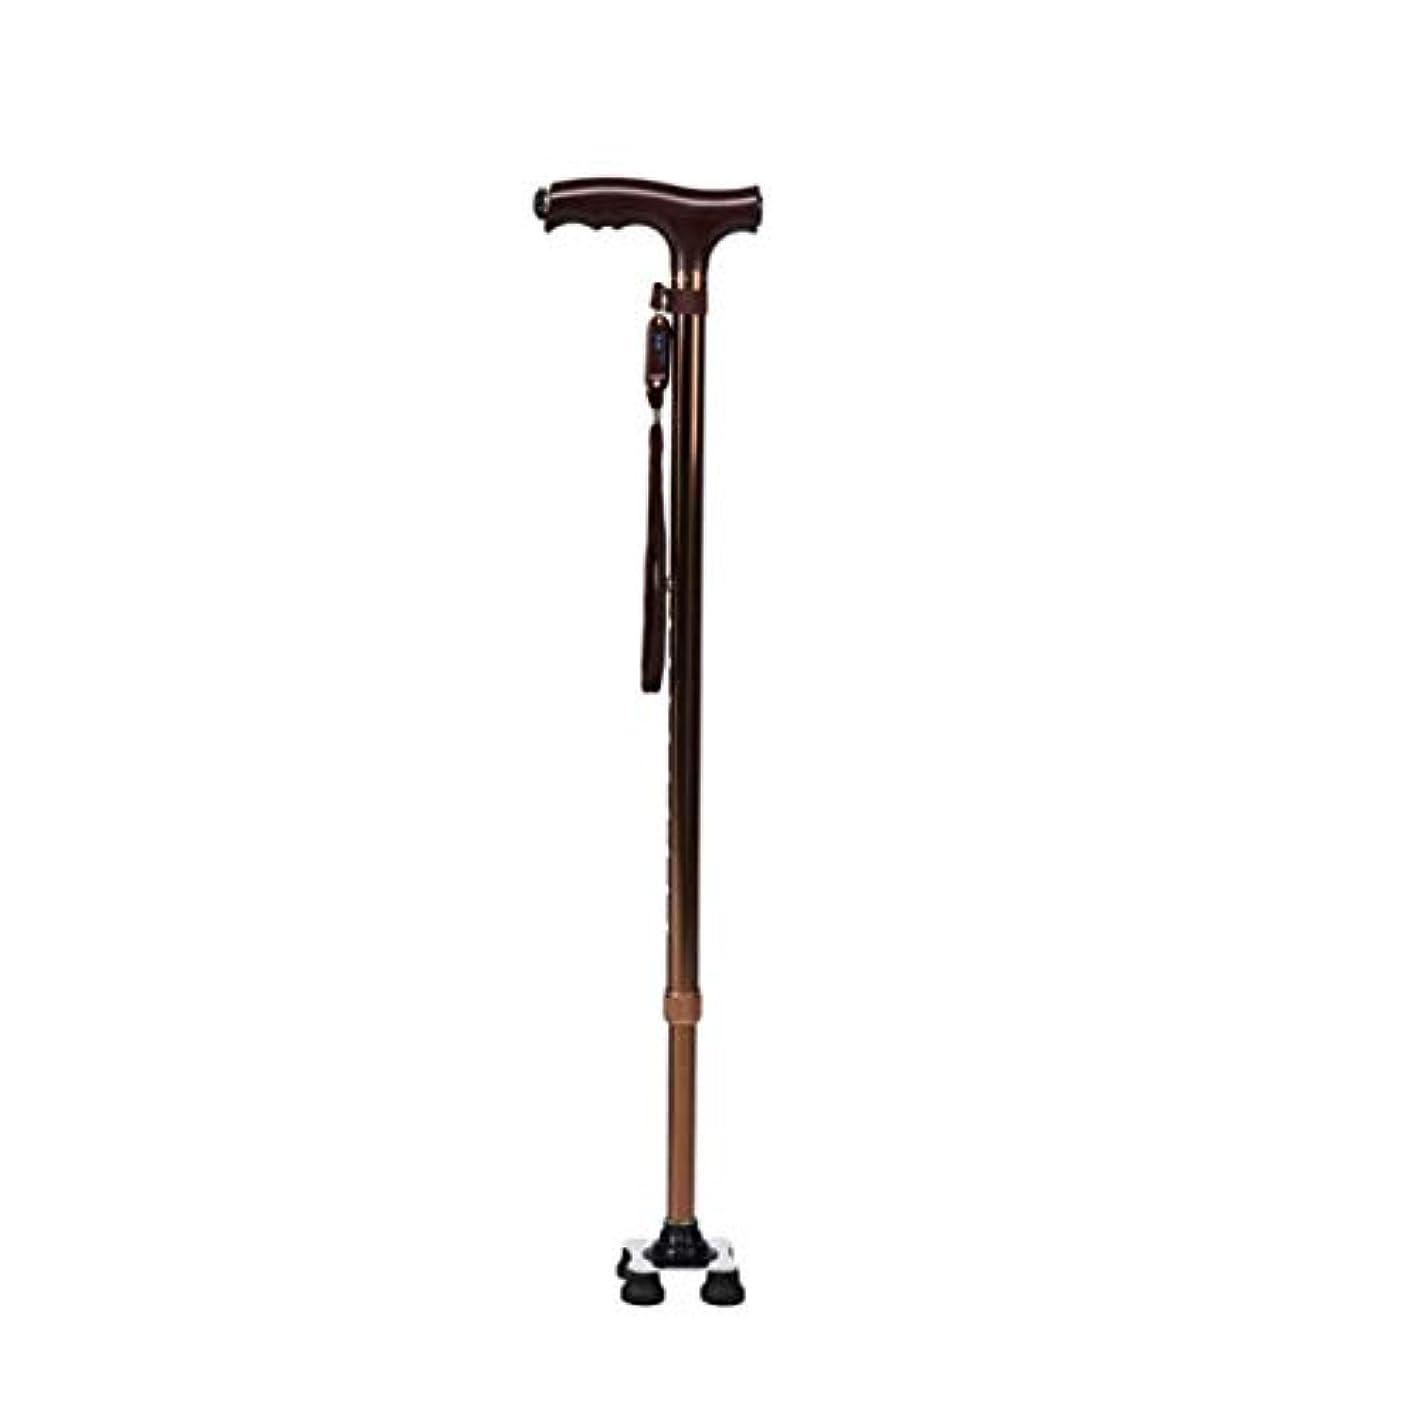 理想的局疑問を超えて高齢者用歩行杖、デュアルユース歩行用スティックサポート、1フィートまたは4フィートのLEDライトを内蔵